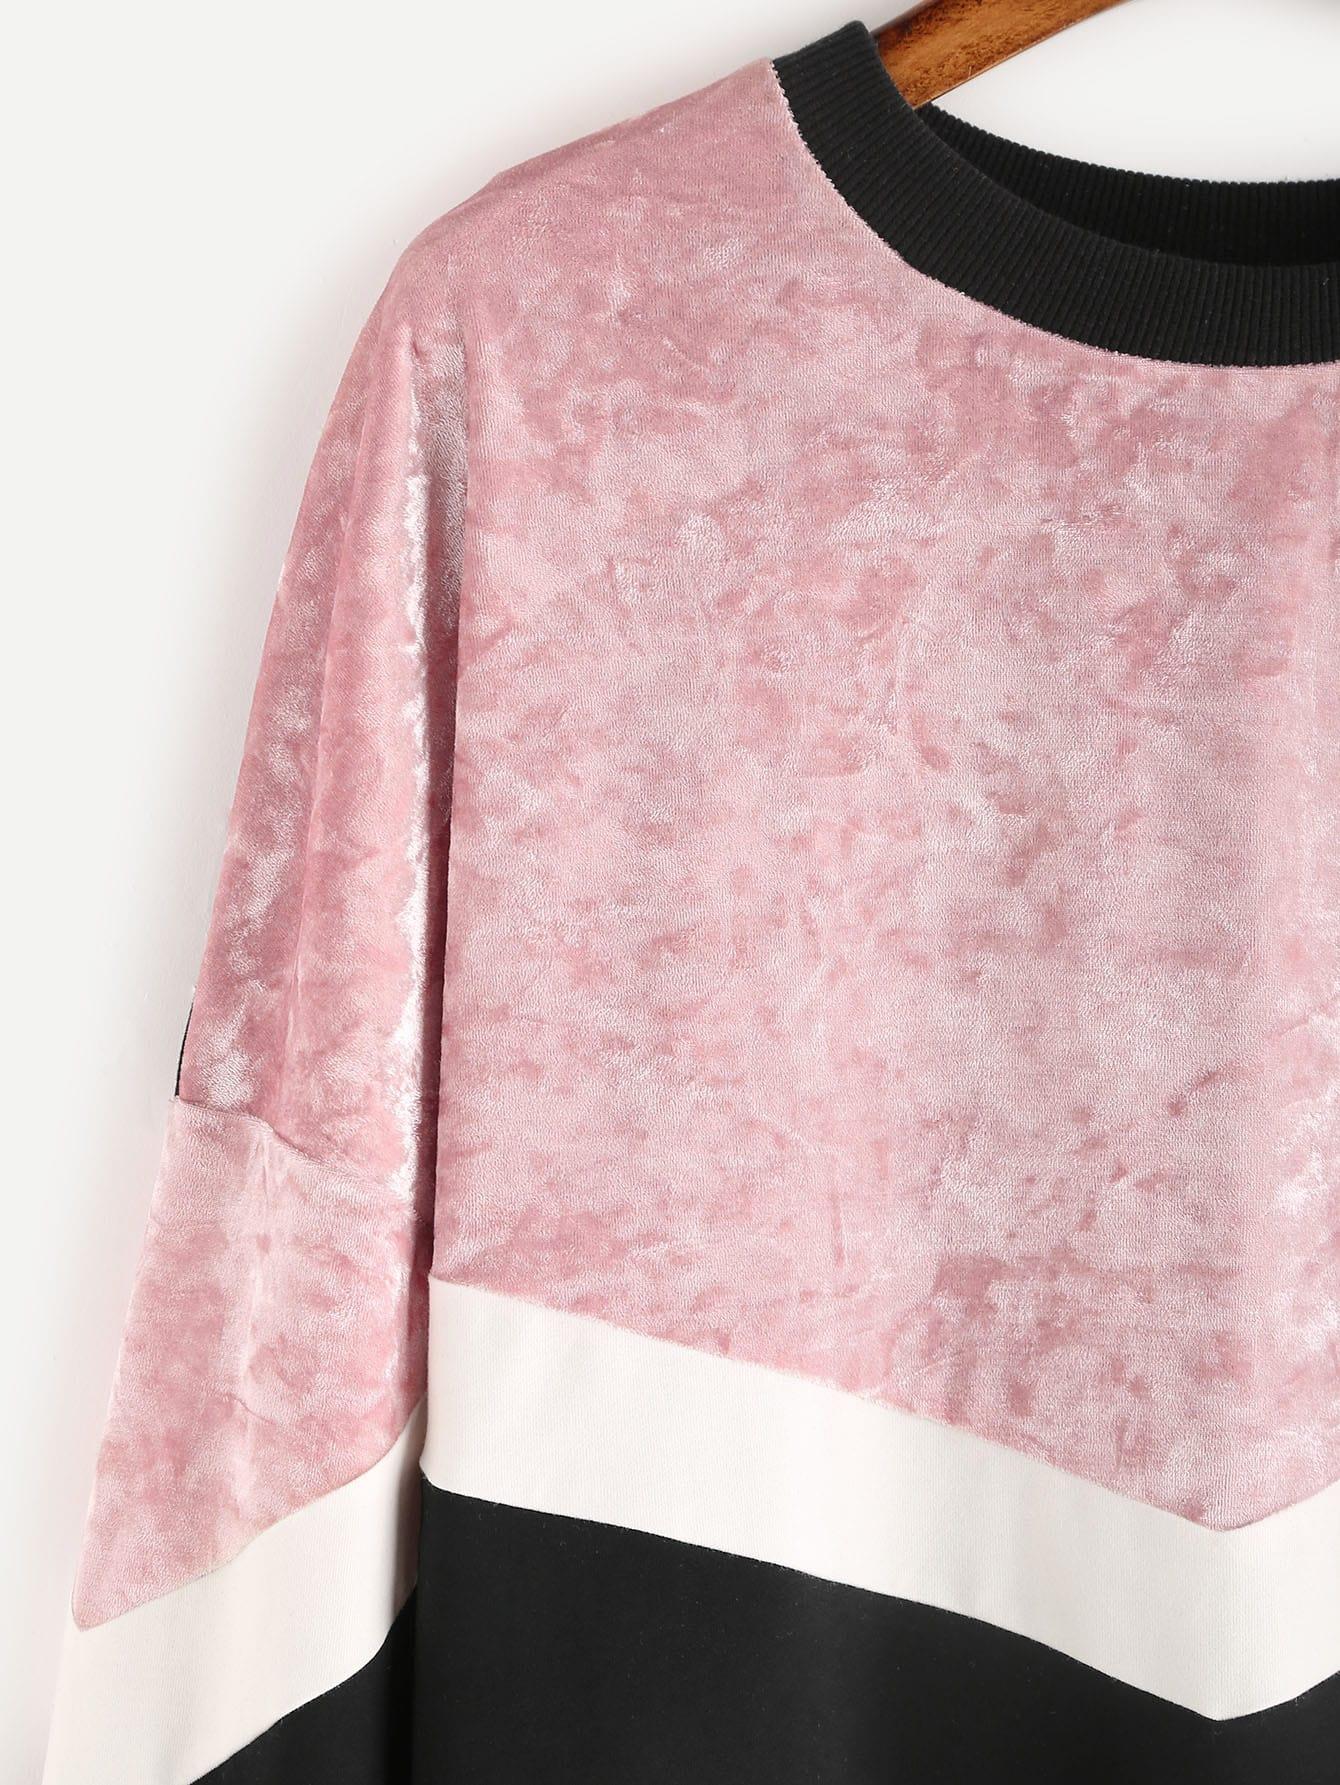 sweatshirt170109704_2